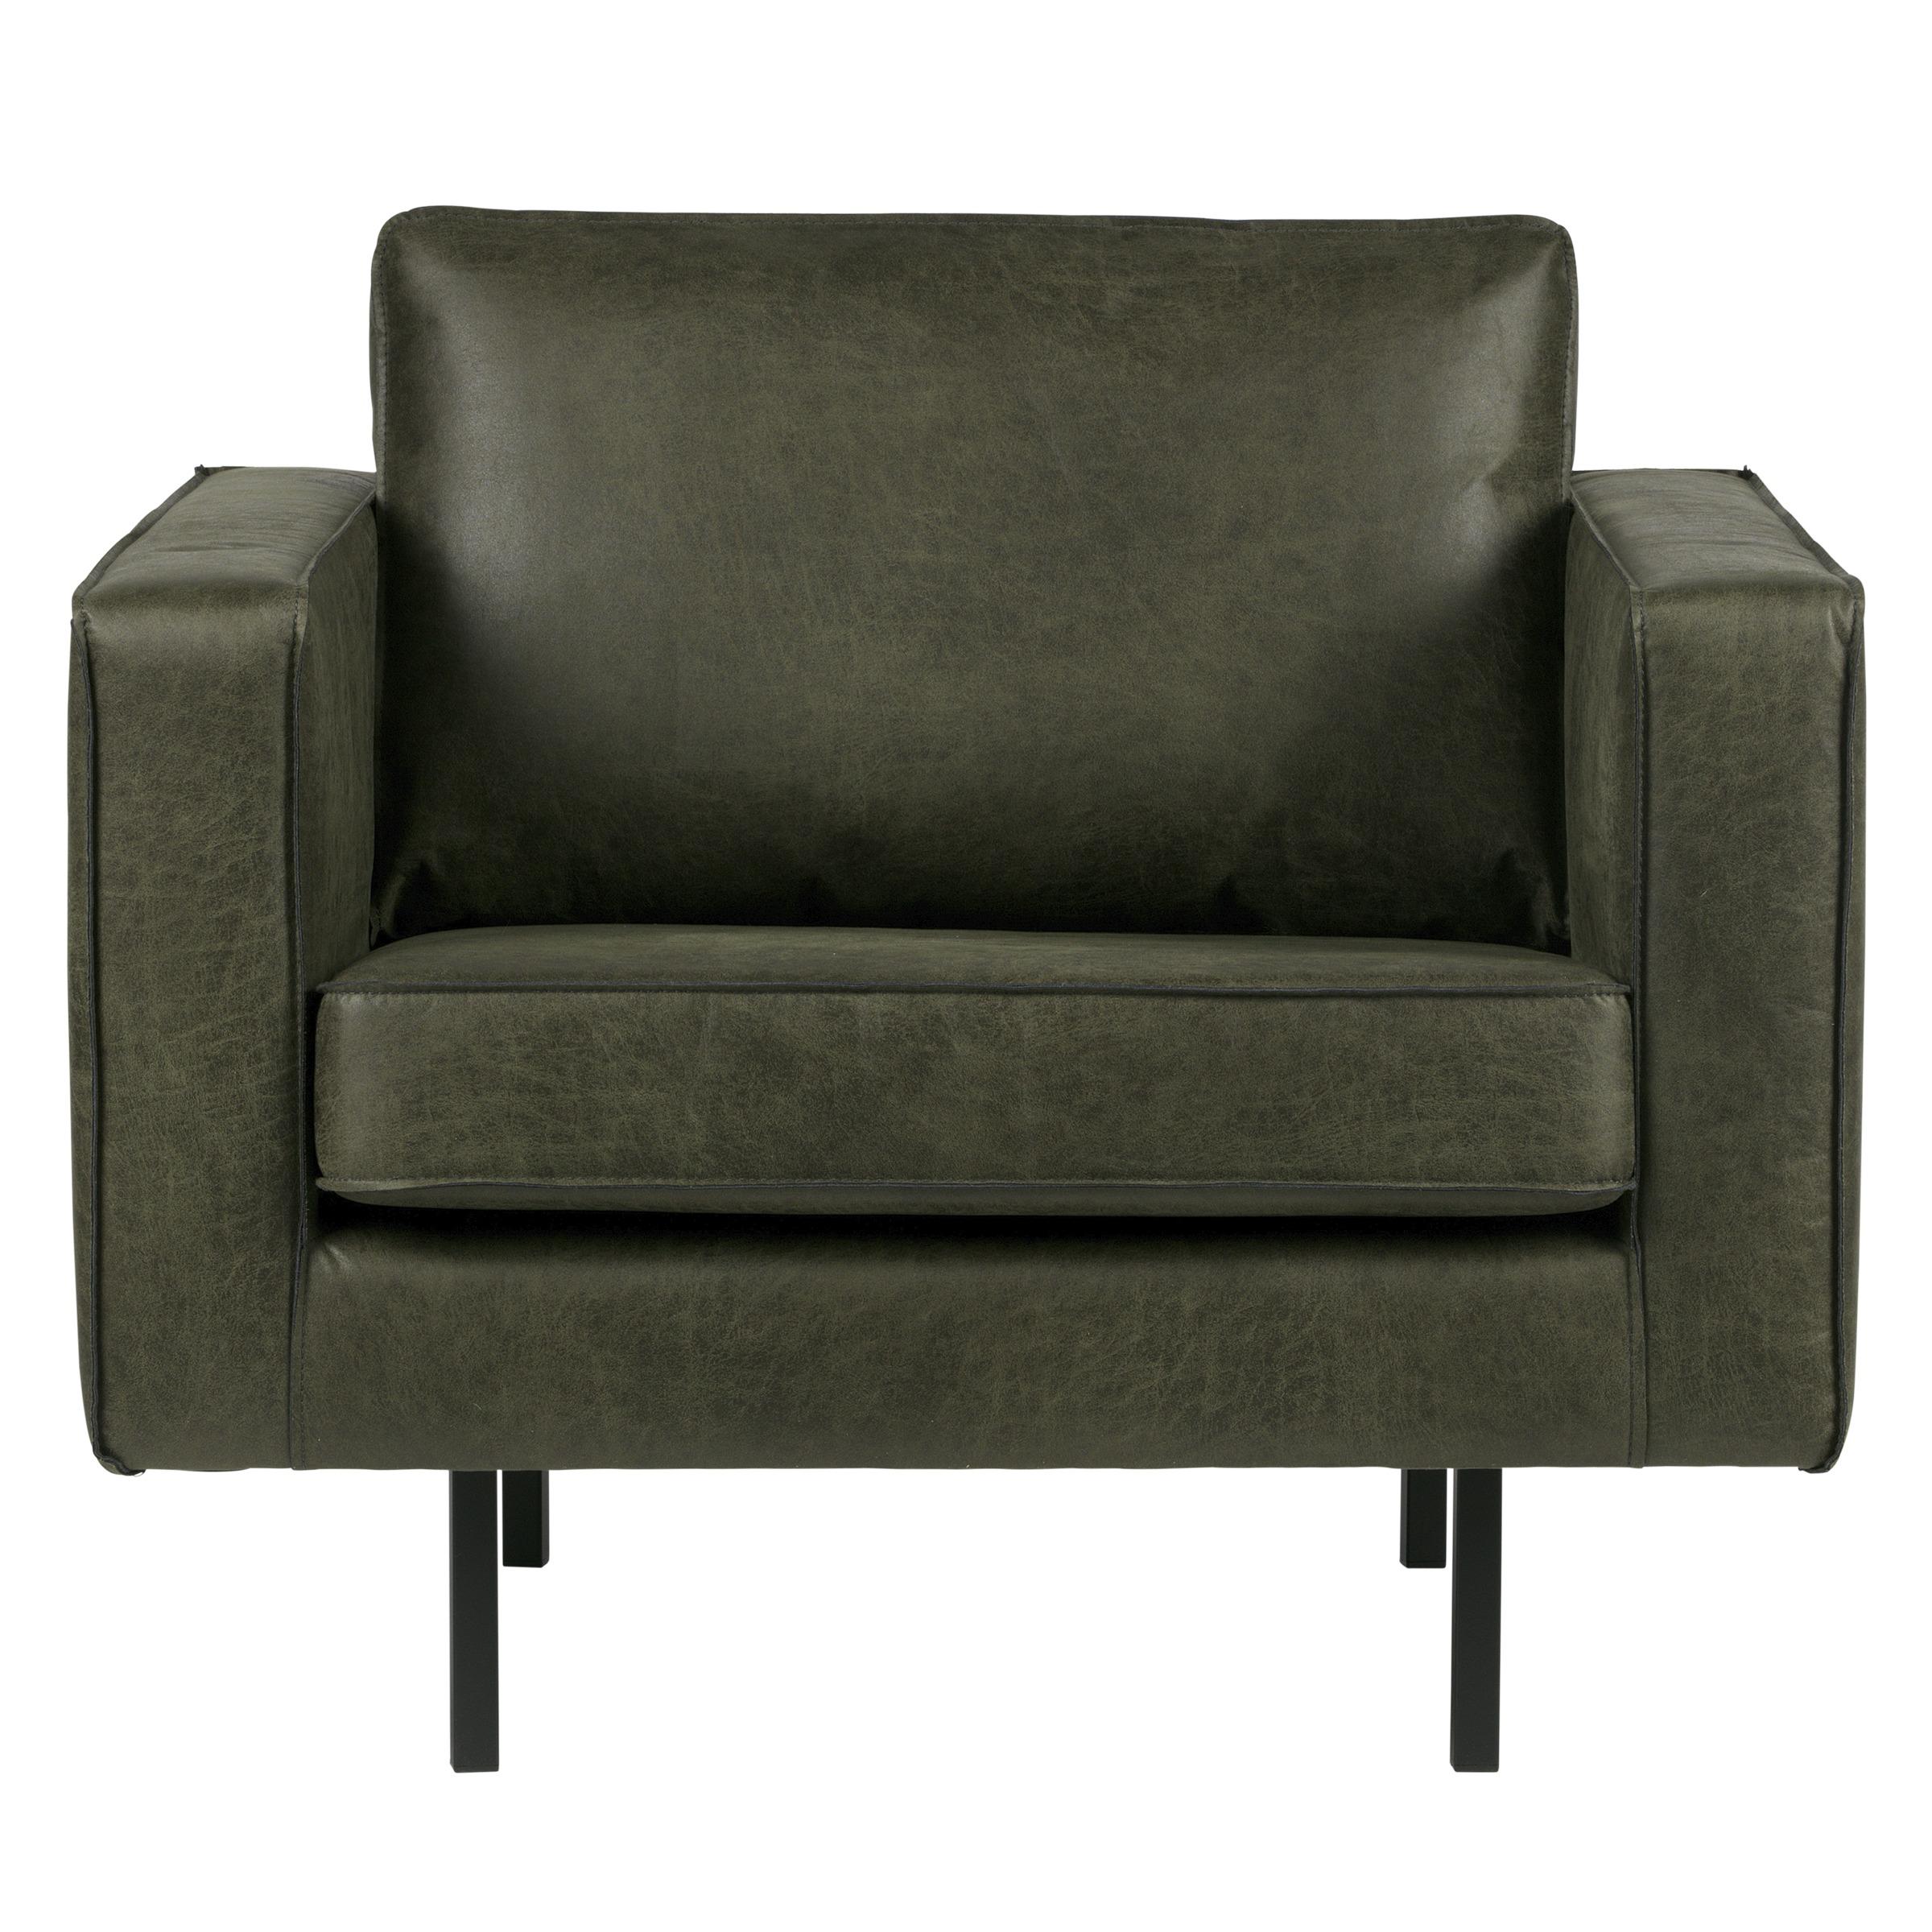 WOOOD fauteuil Indy eco leer warm groen